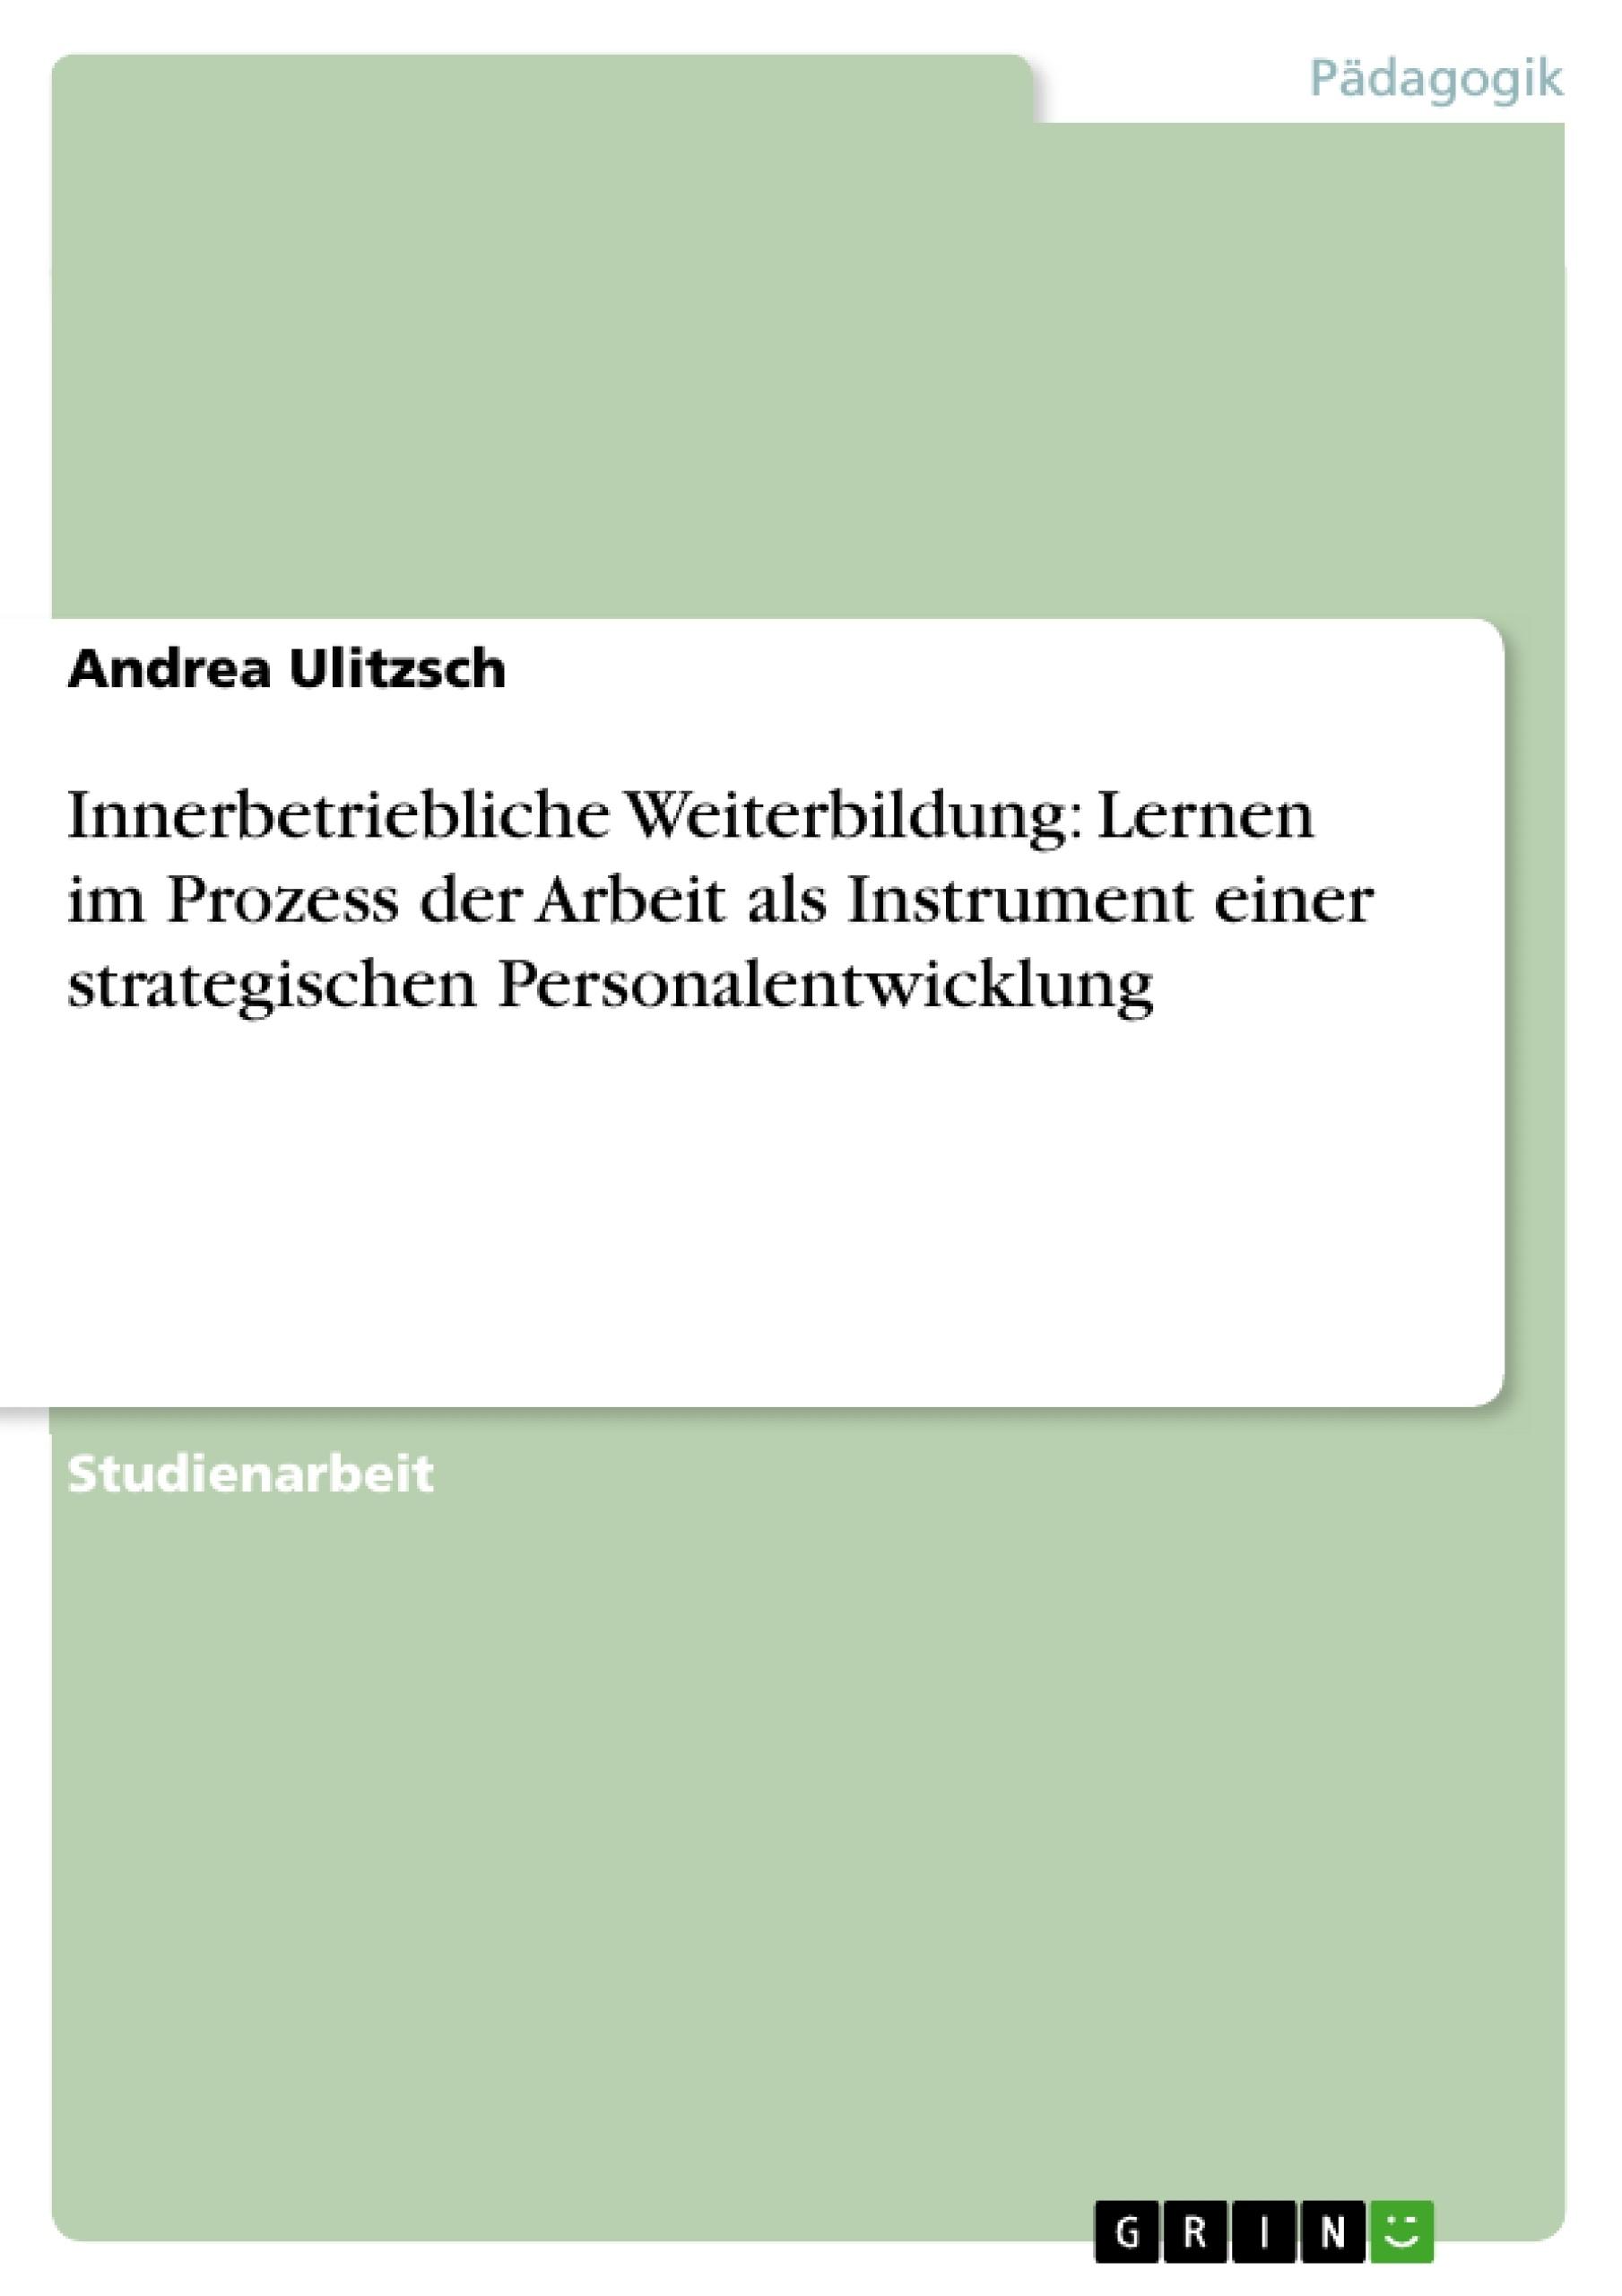 Titel: Innerbetriebliche Weiterbildung: Lernen im Prozess der Arbeit als Instrument einer strategischen Personalentwicklung